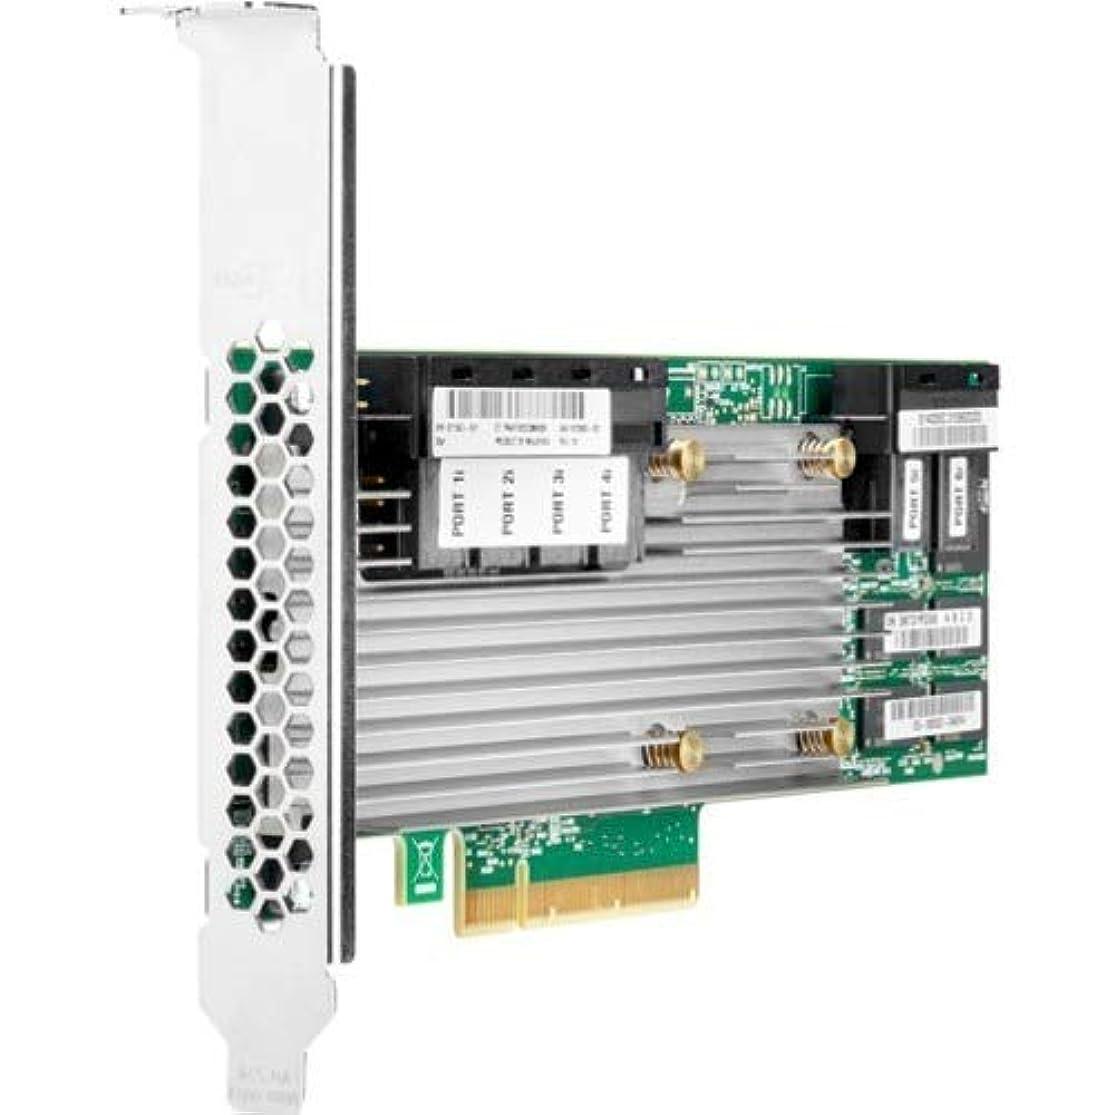 エネルギー取り扱い十分ですHewlett-Packard Hpe スマートアレイ P824i-p SAS コントローラー - 12gb/s SAS - Pci Express - プラグインカード - レイドサポート -